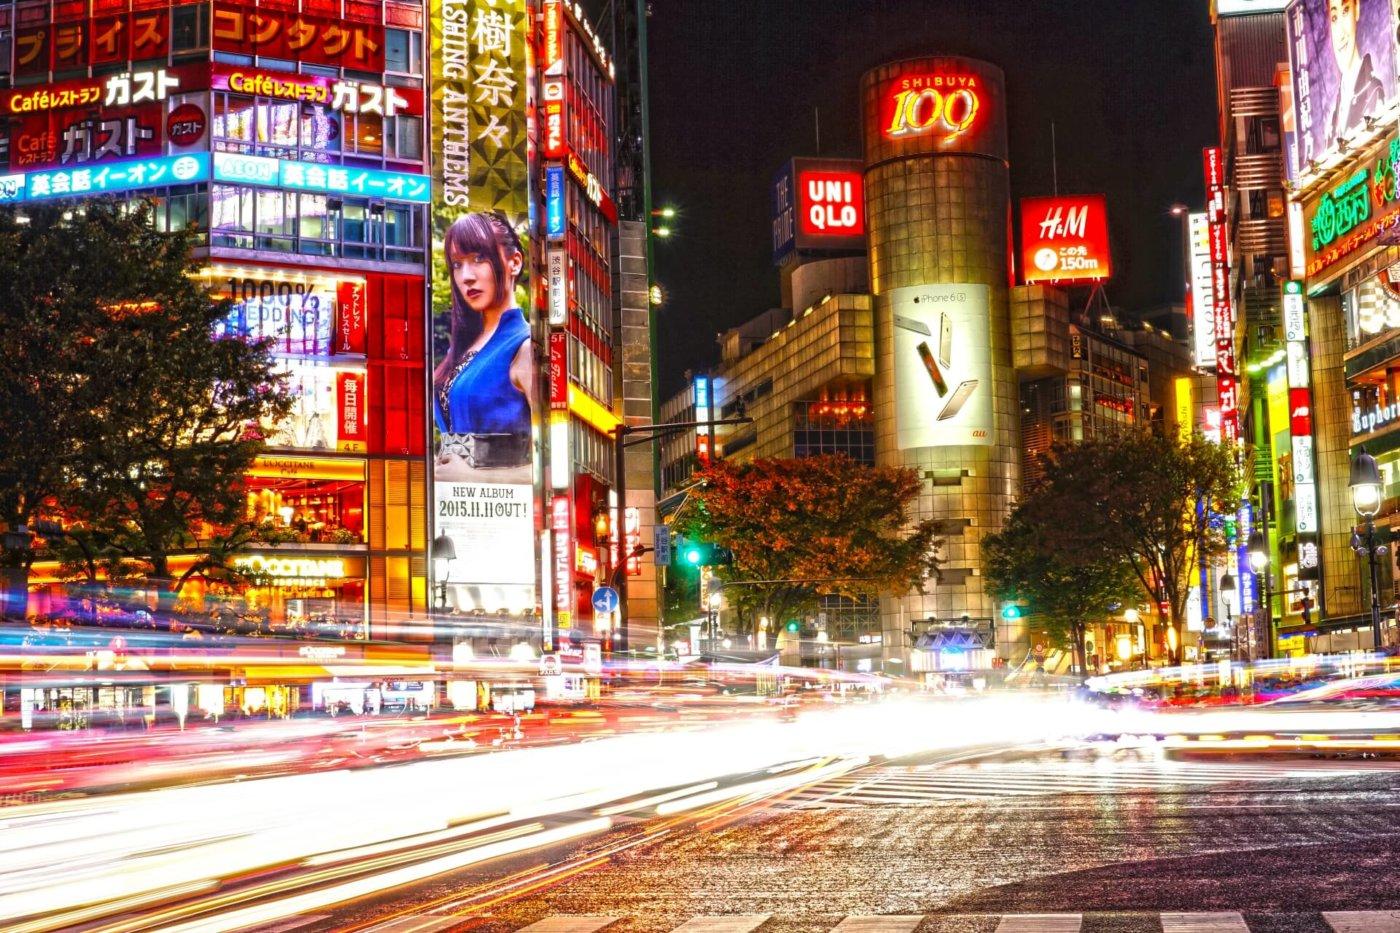 渋谷で合コンにオススメの居酒屋7選